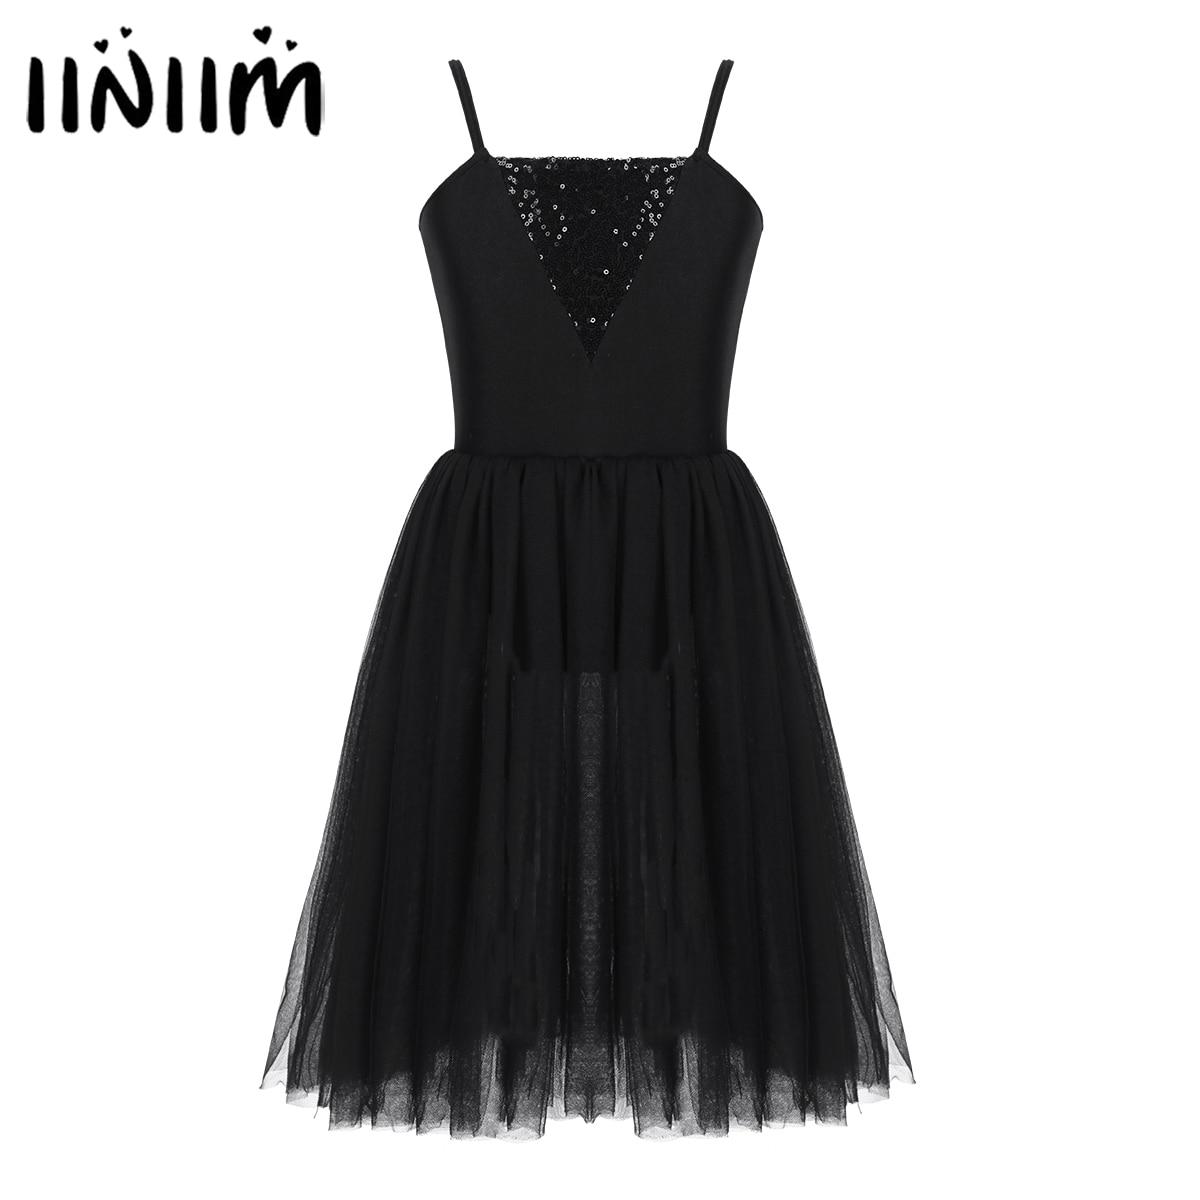 iiniim-girls-font-b-ballet-b-font-bance-wear-sequins-font-b-ballet-b-font-dancewear-font-b-ballet-b-font-kids-gymnastics-leotard-dress-for-kids-ballerina-party-costumes